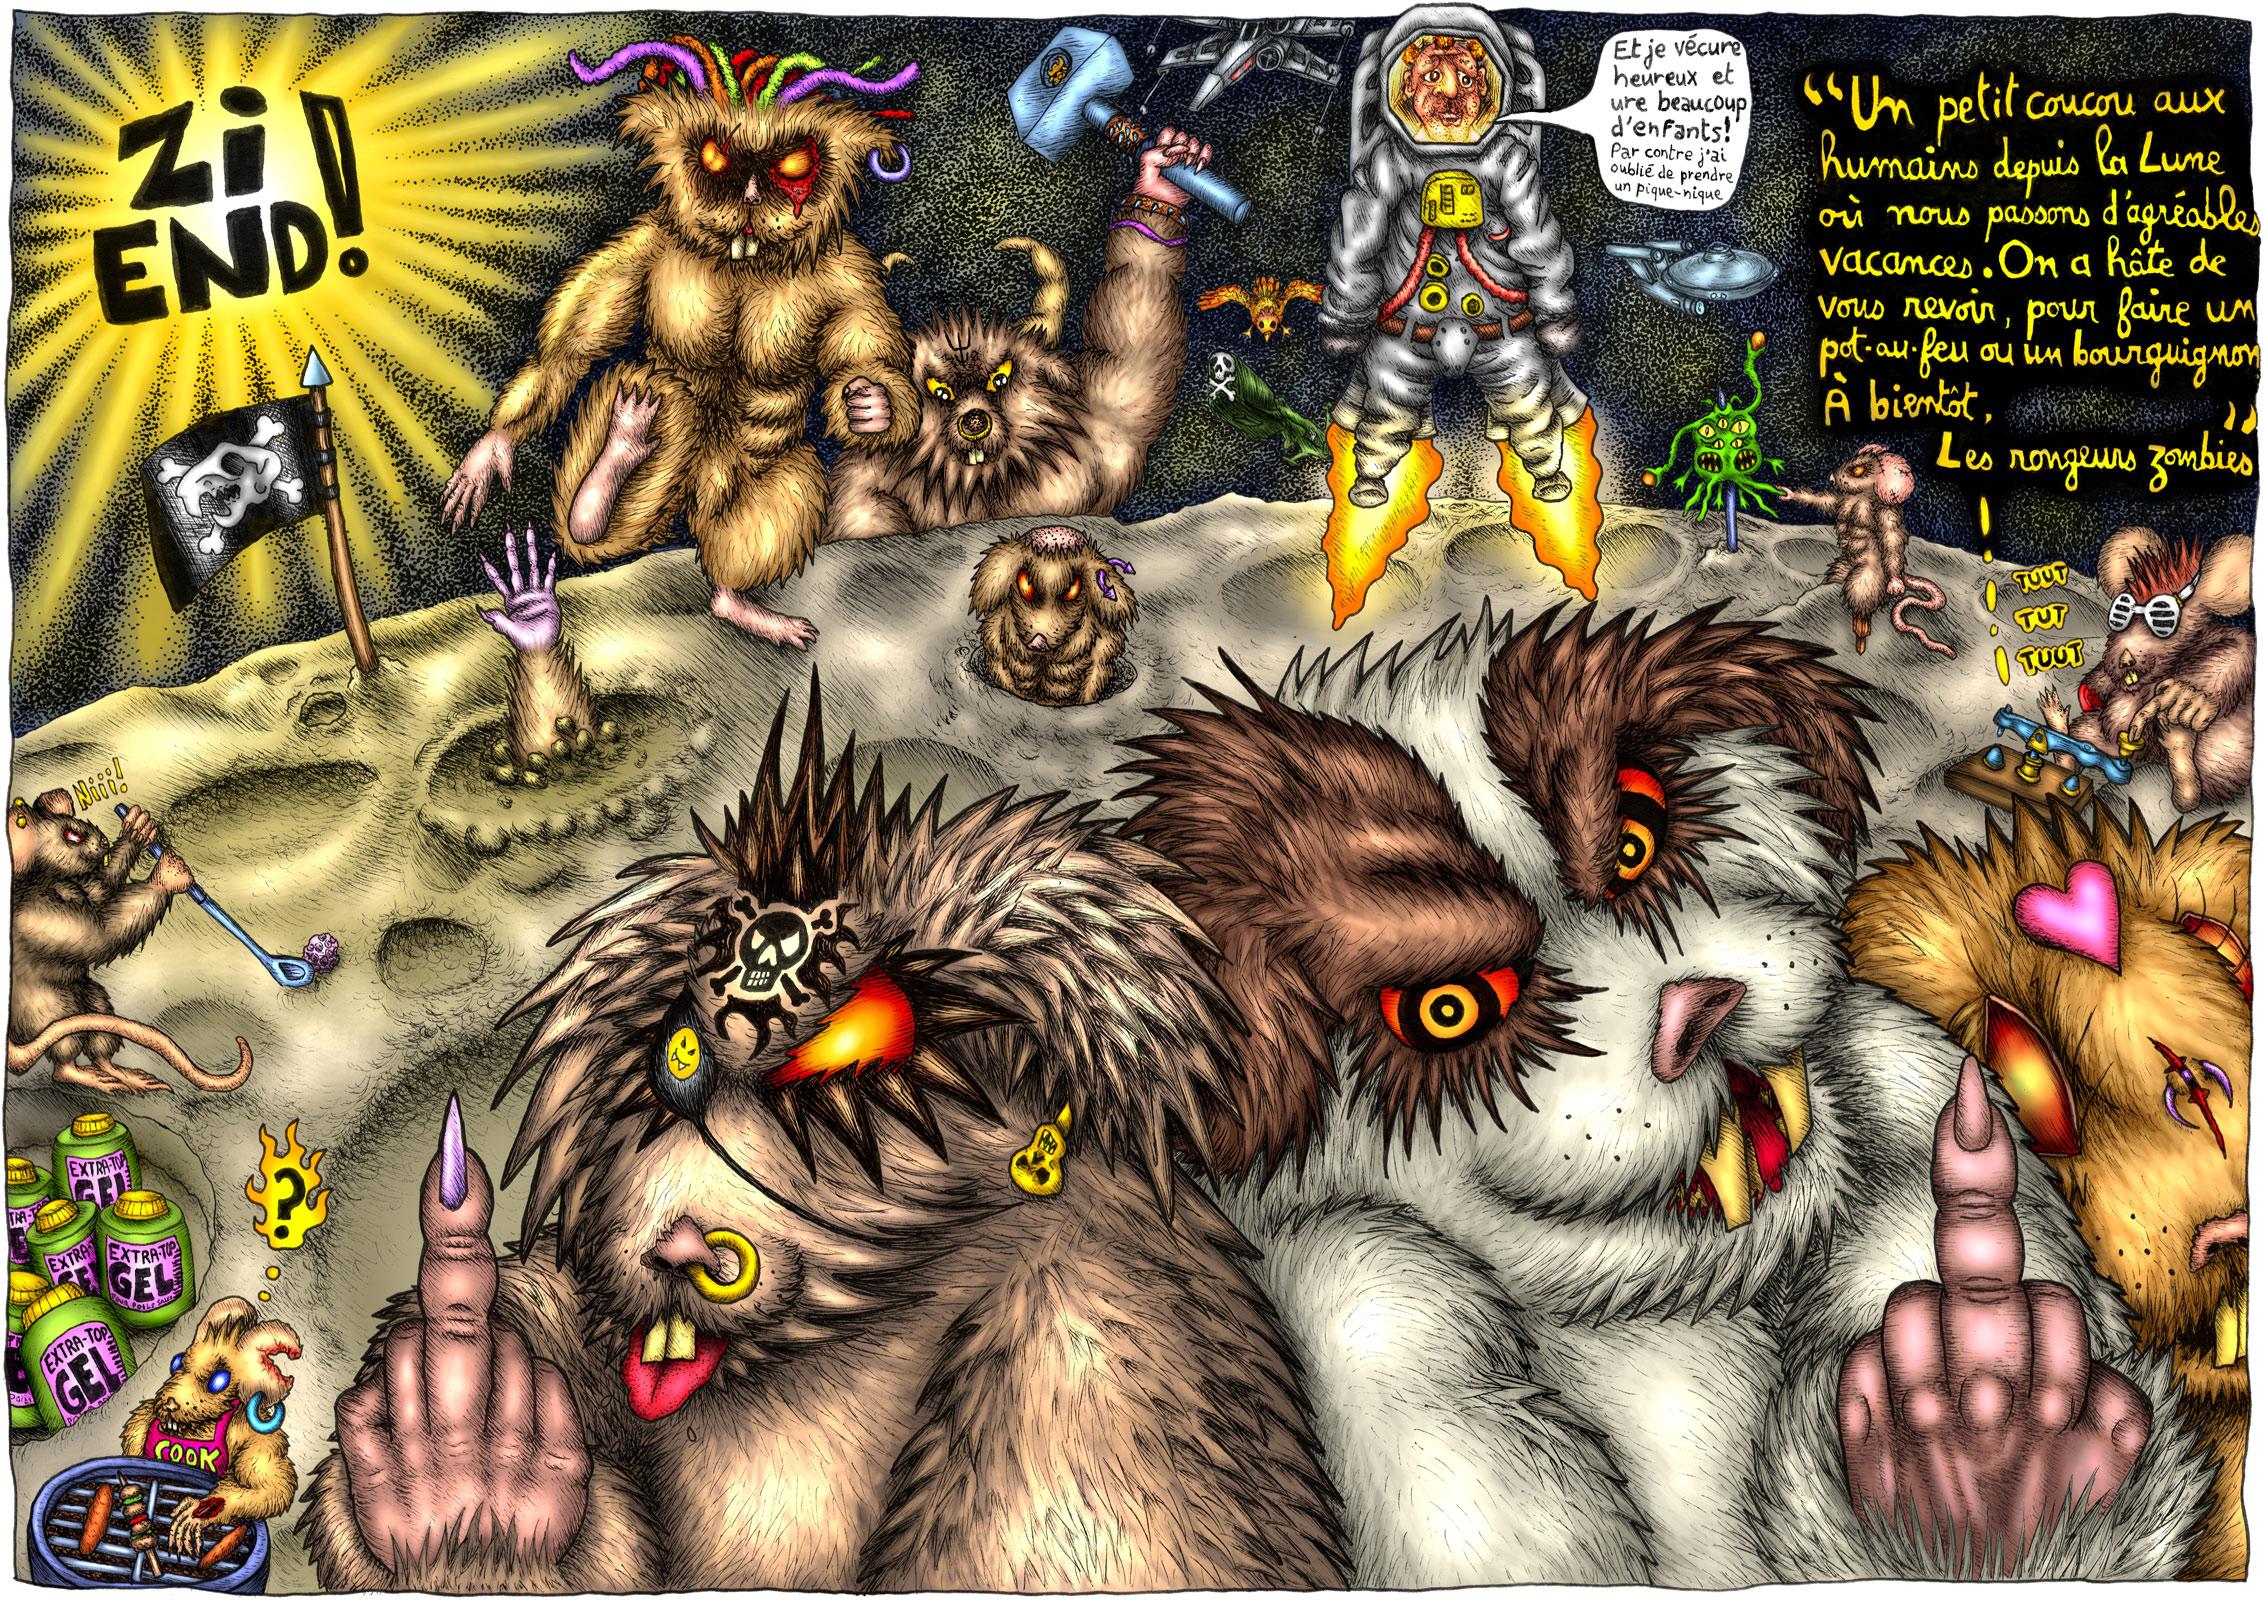 Une carte postale de la Lune avec des rongeurs mutants zombies de l'espace